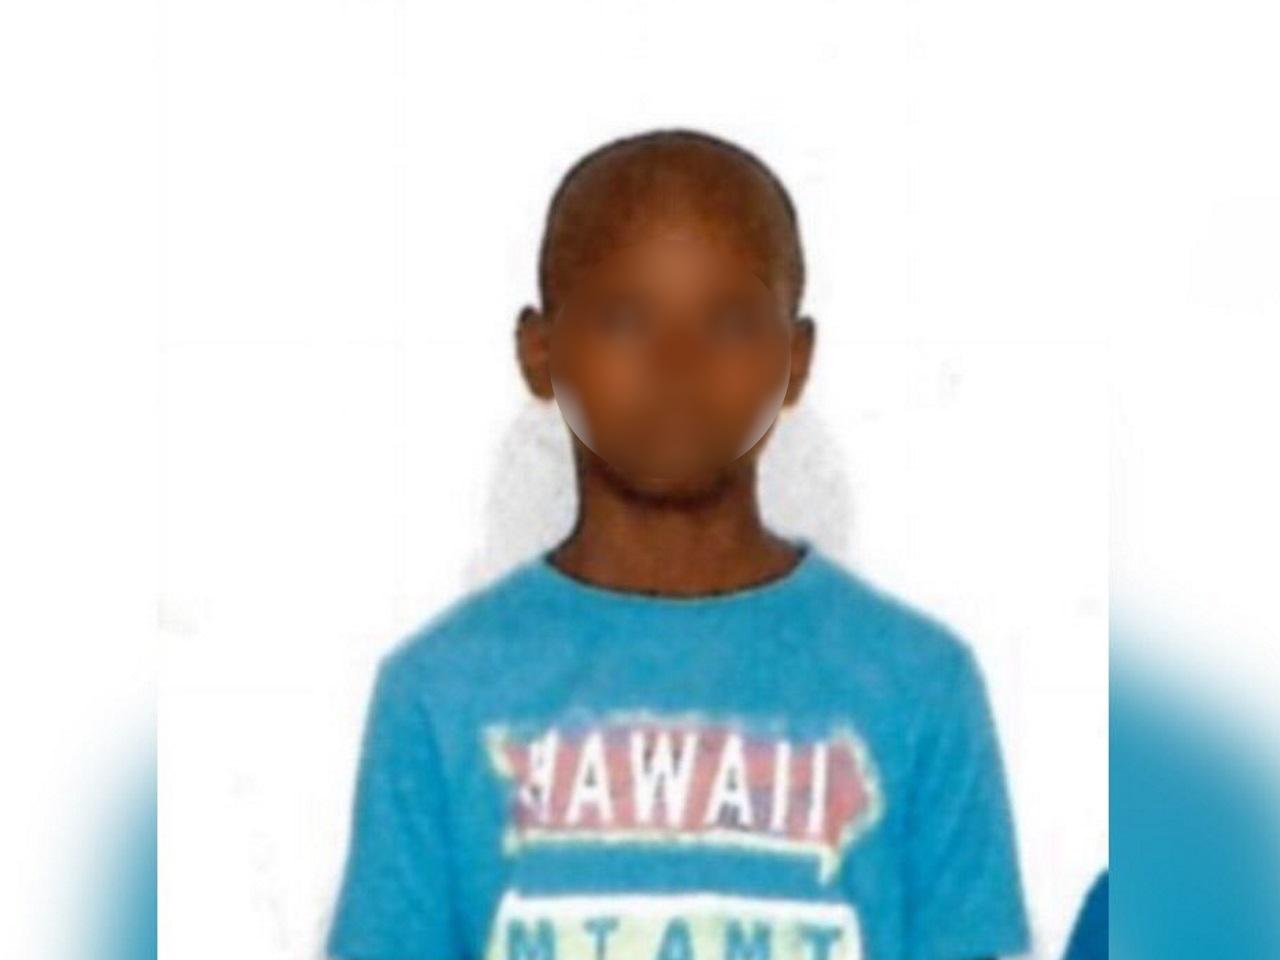 Appel à témoins pour retrouver M'Madi, un garçon de 12 ans — Rhône